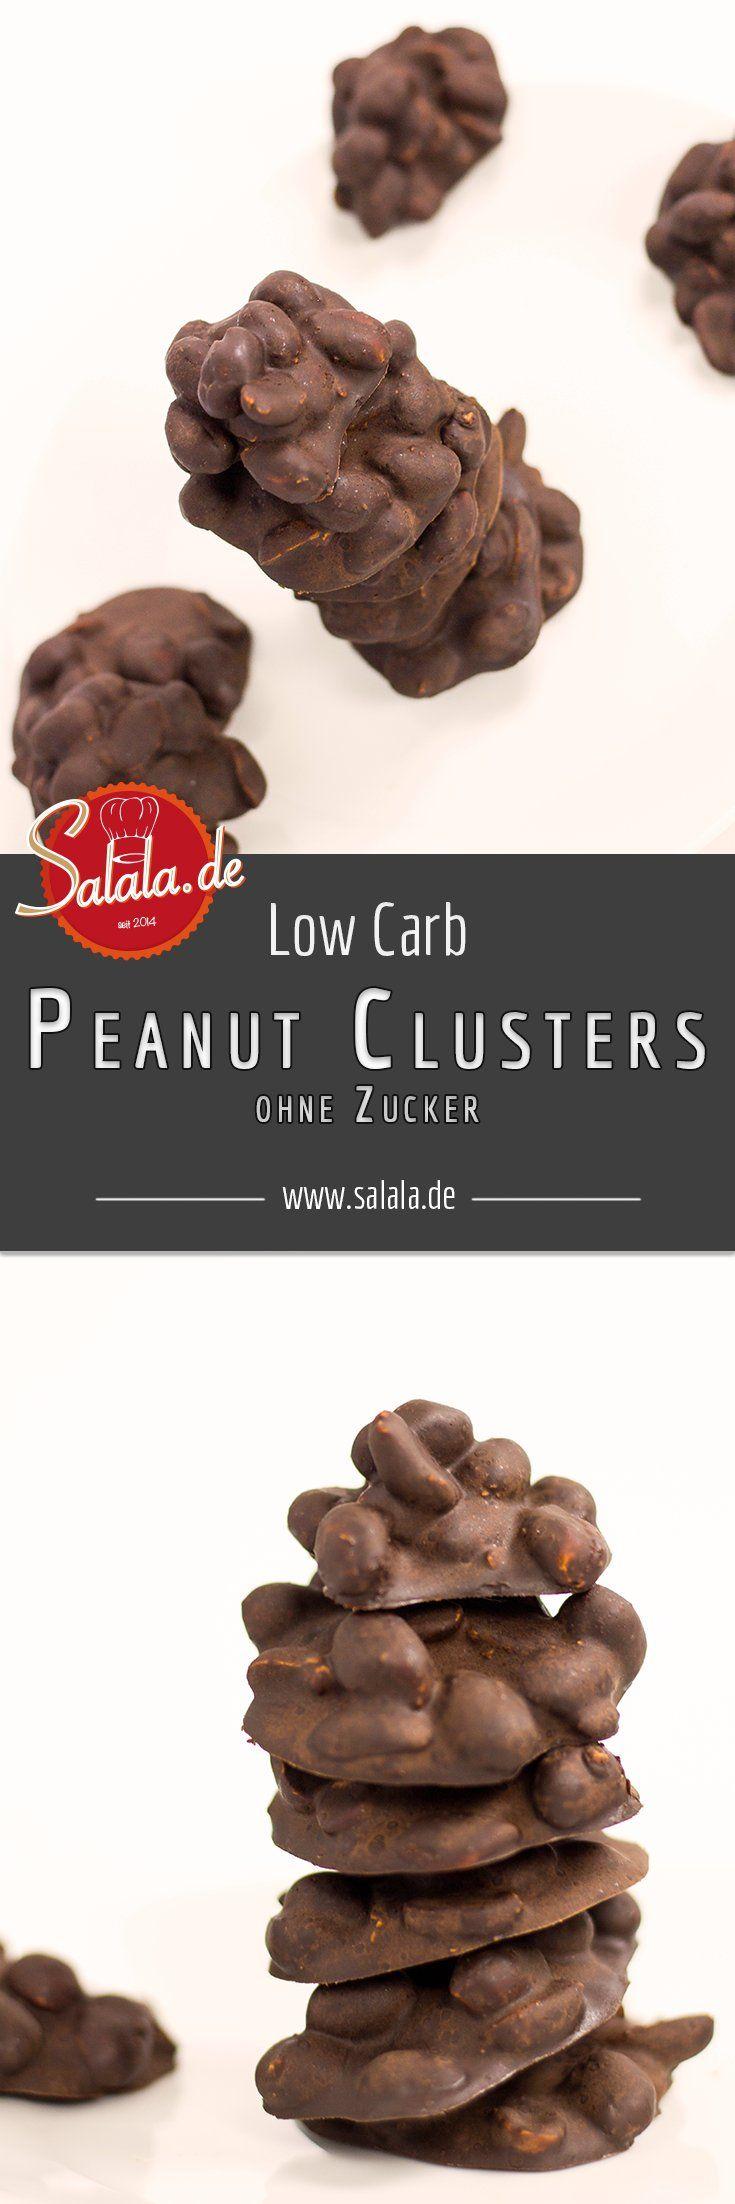 Peanut Clusters Low Carb Naschen Erdnusshäufchen ohne Zucker - salala.de - Low Carb Peanut Clusters oder Erdnusshäufchen sind eine leckere kleine Schweinerei. Hochprozentige Schokolade und salzige Erdnüsse gemischt mit hochwertigem Erdnussmus – nicht Erdnussbutter, das ist ein Unterschied!